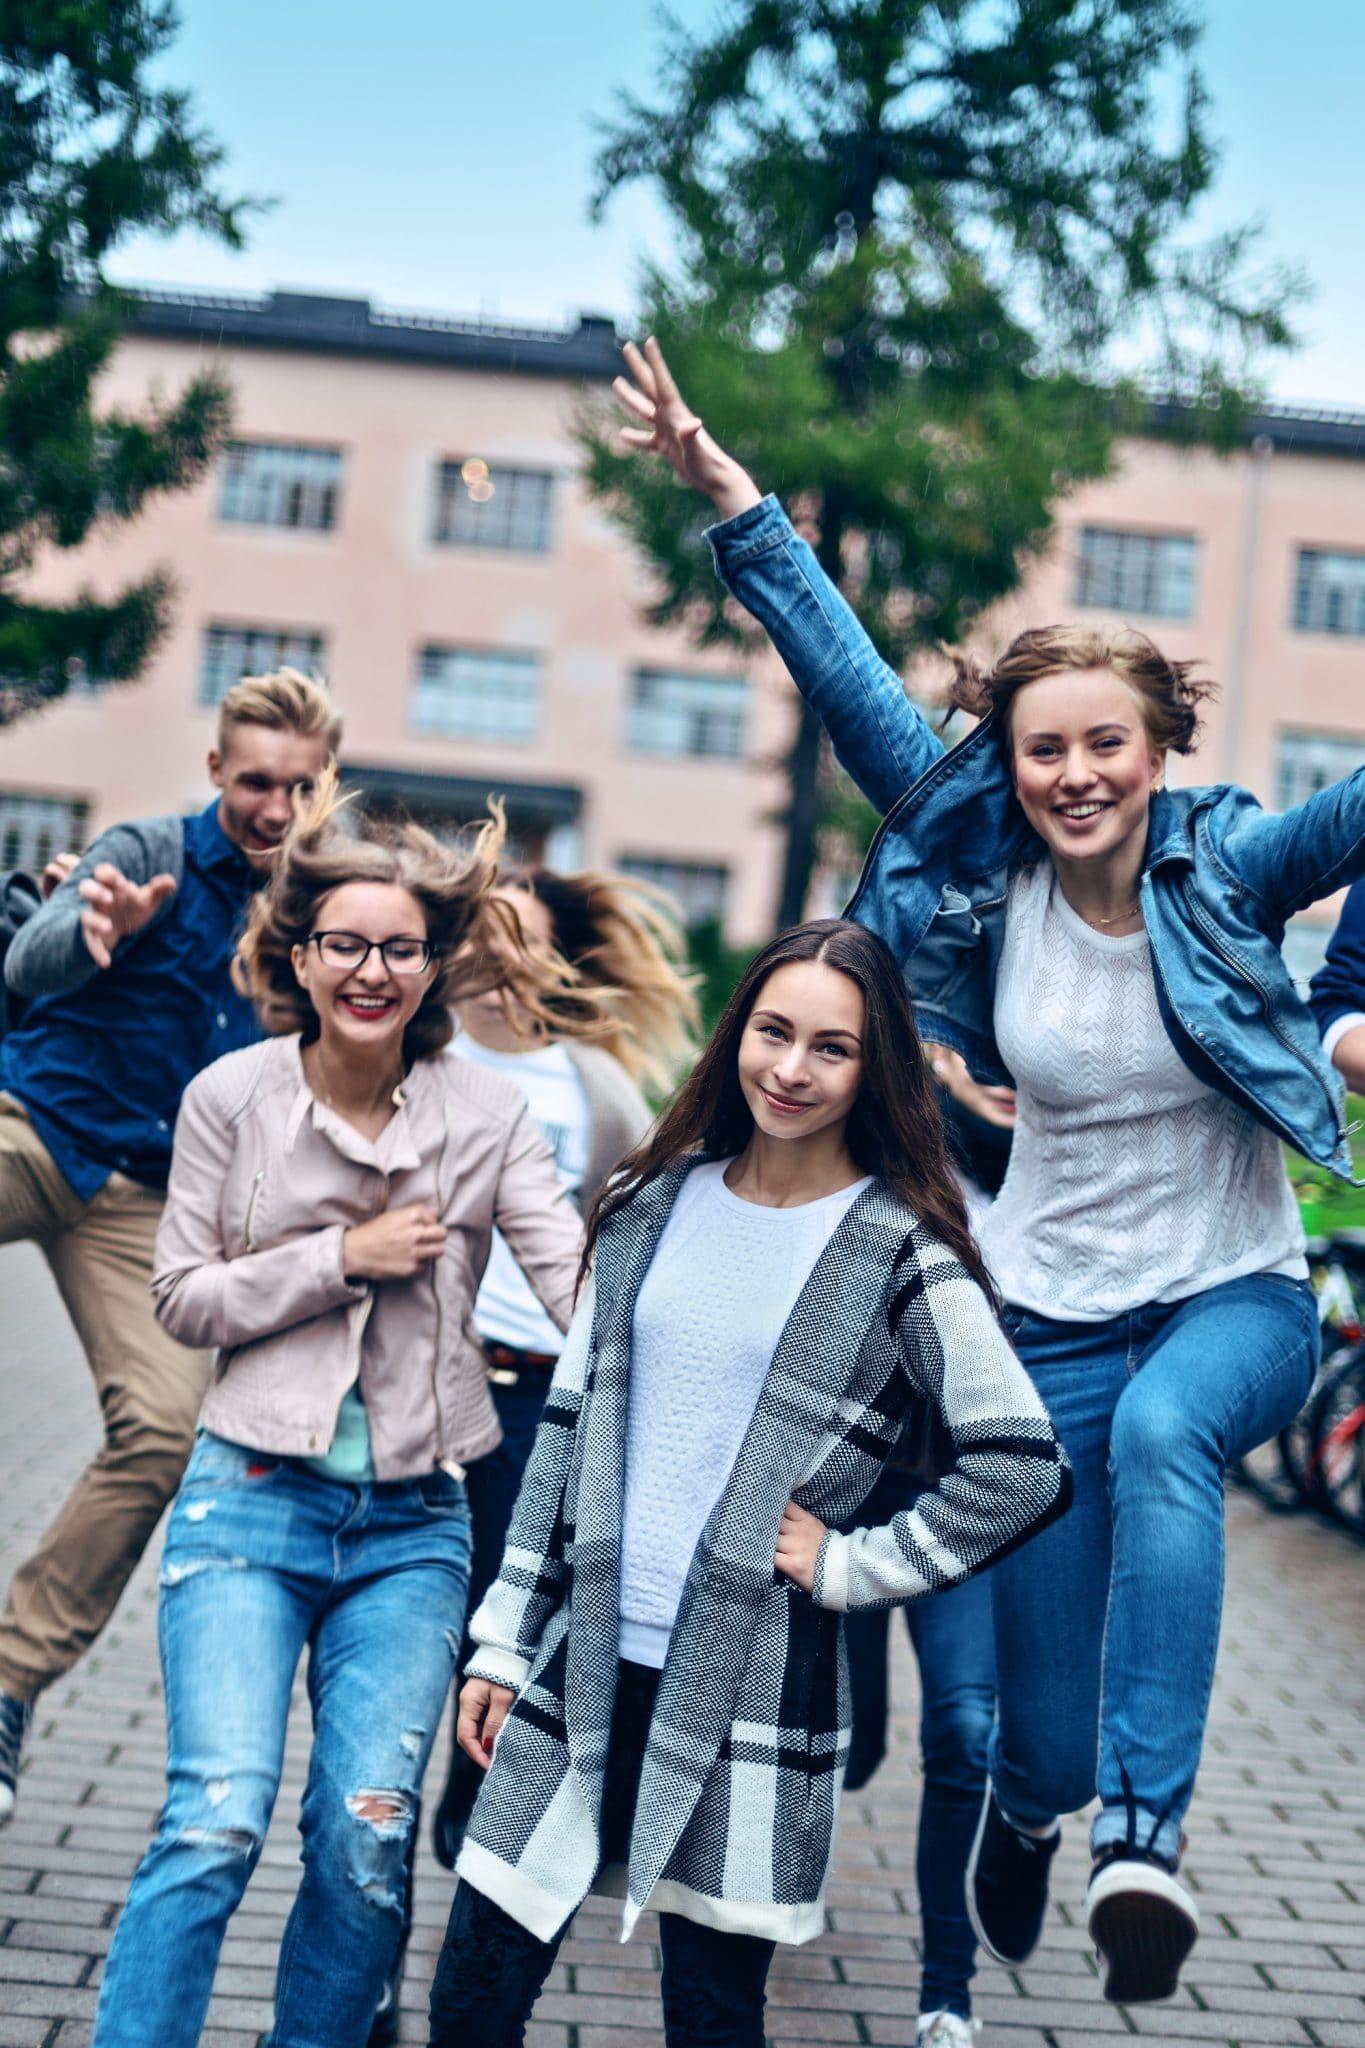 Oppilaat kampuksen pihalla